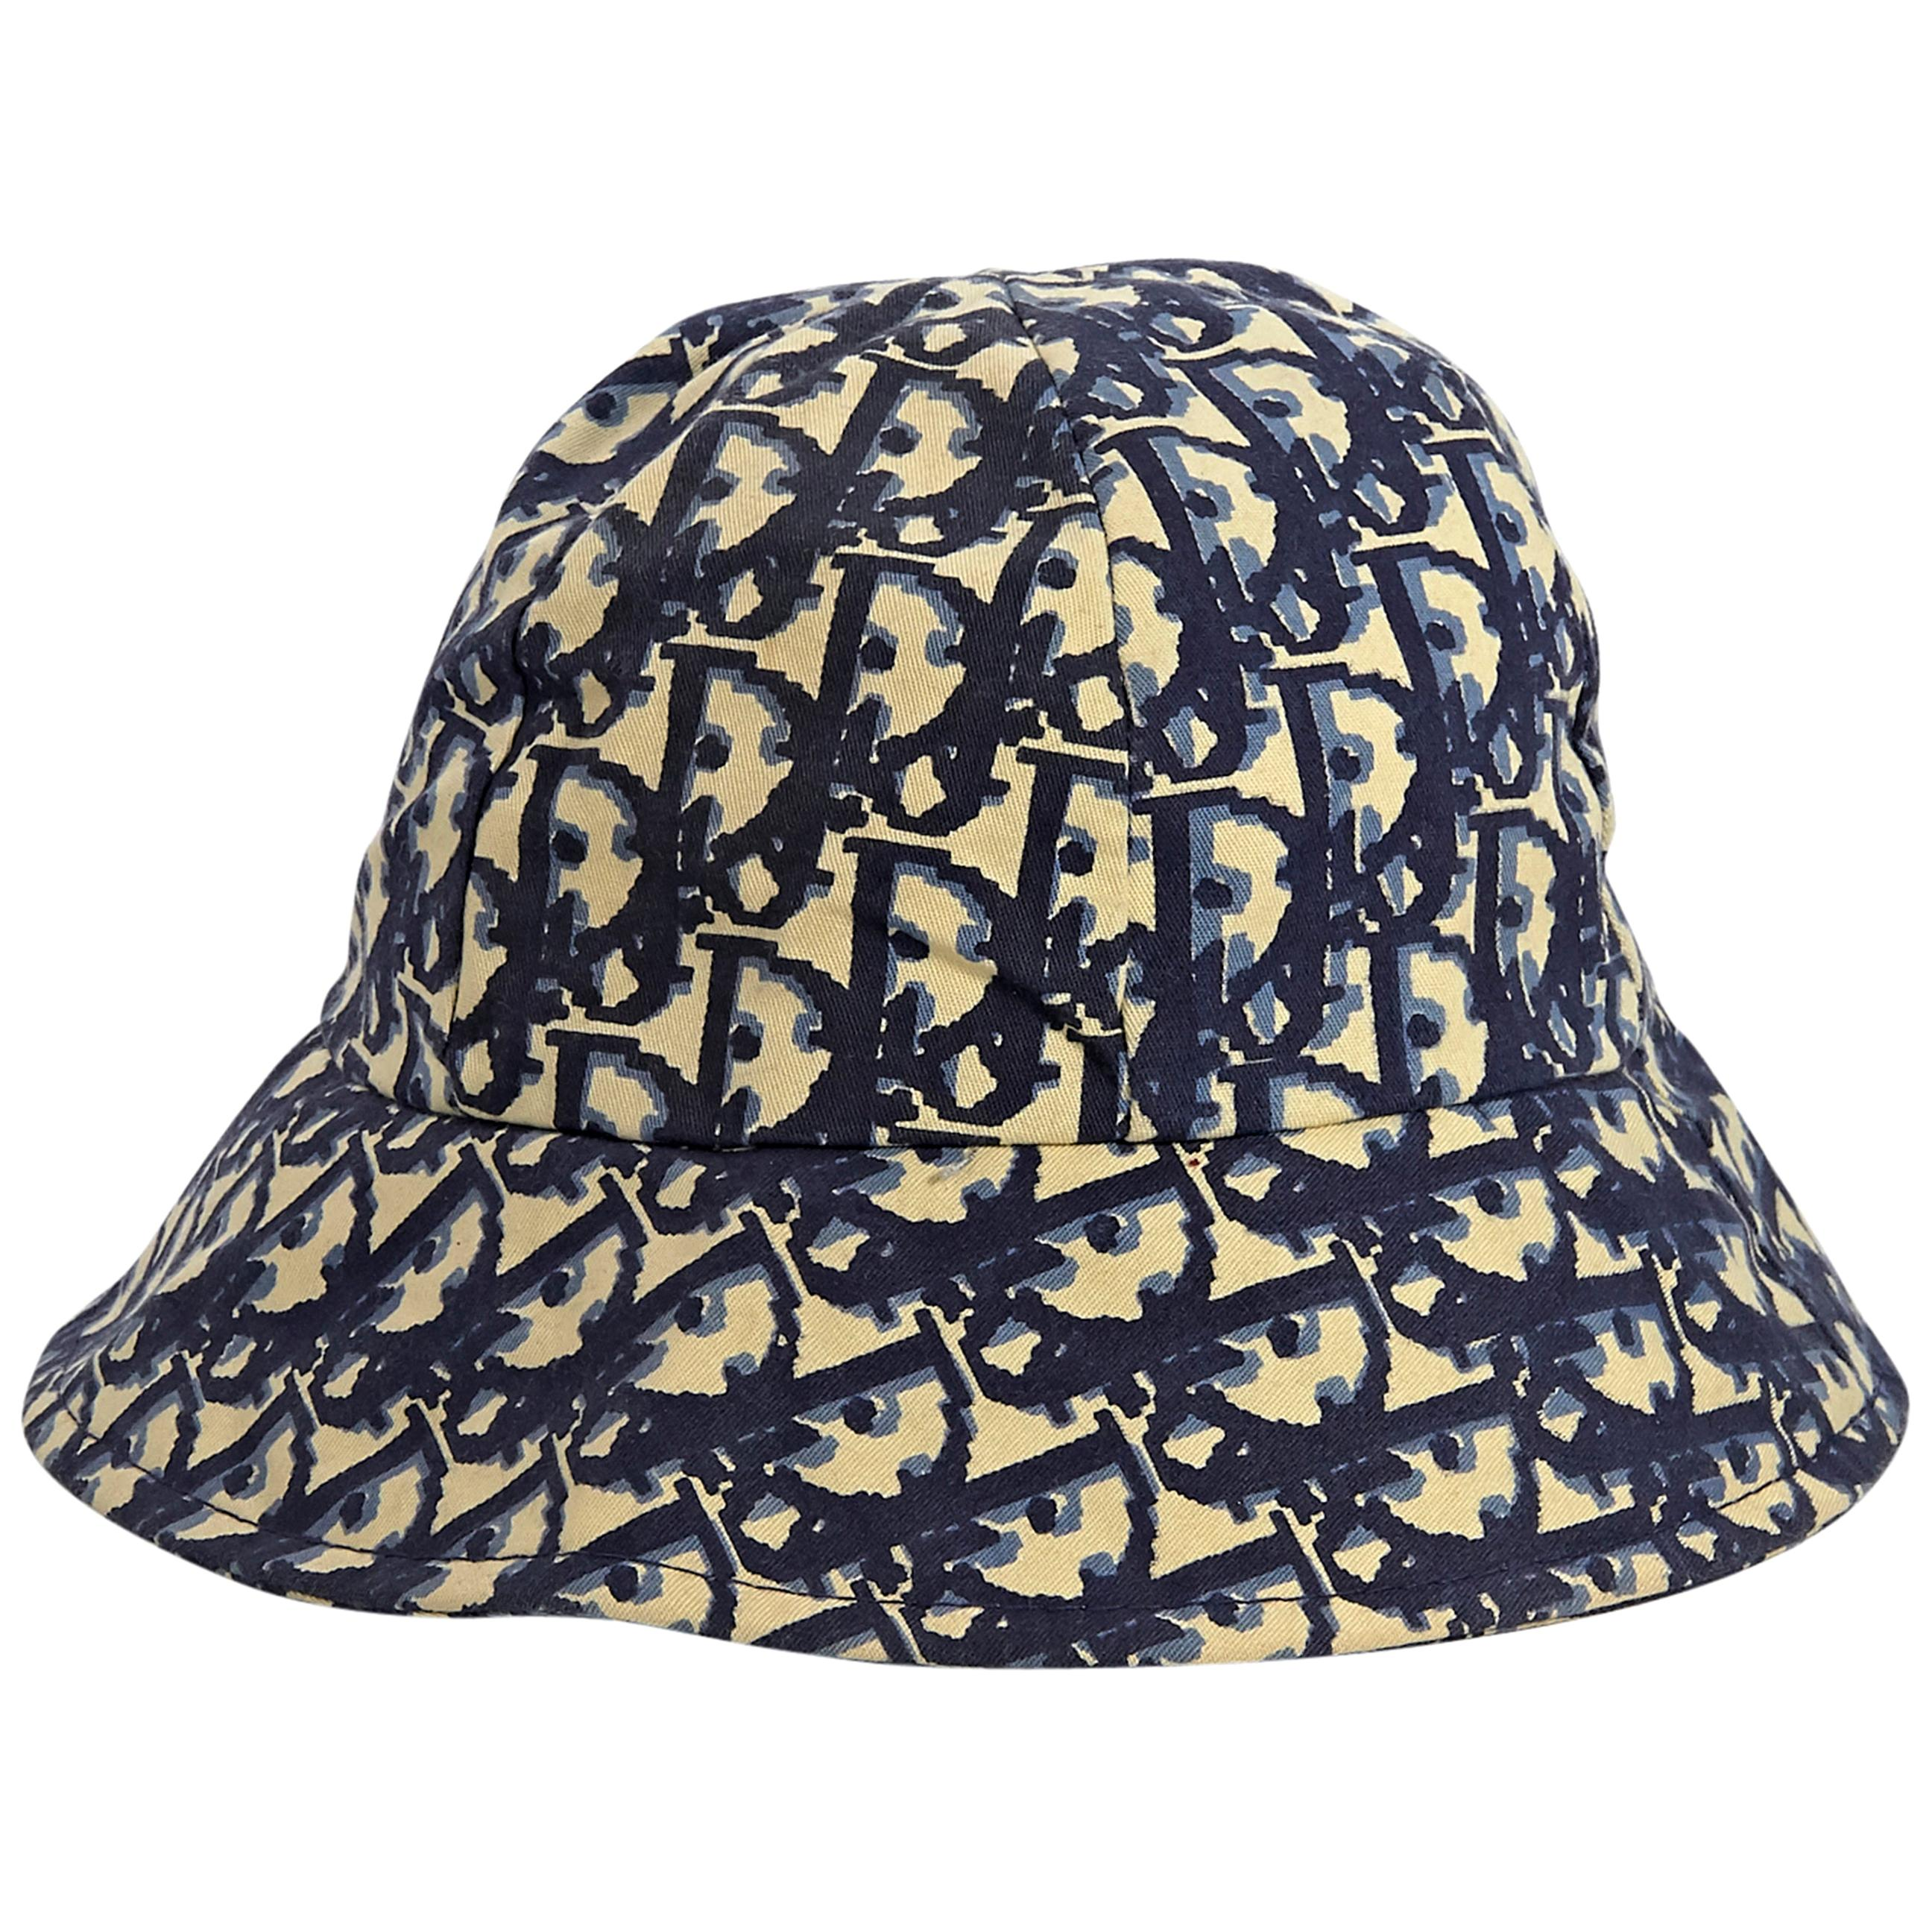 017498bc Vintage and Designer Hats - 1,175 For Sale at 1stdibs